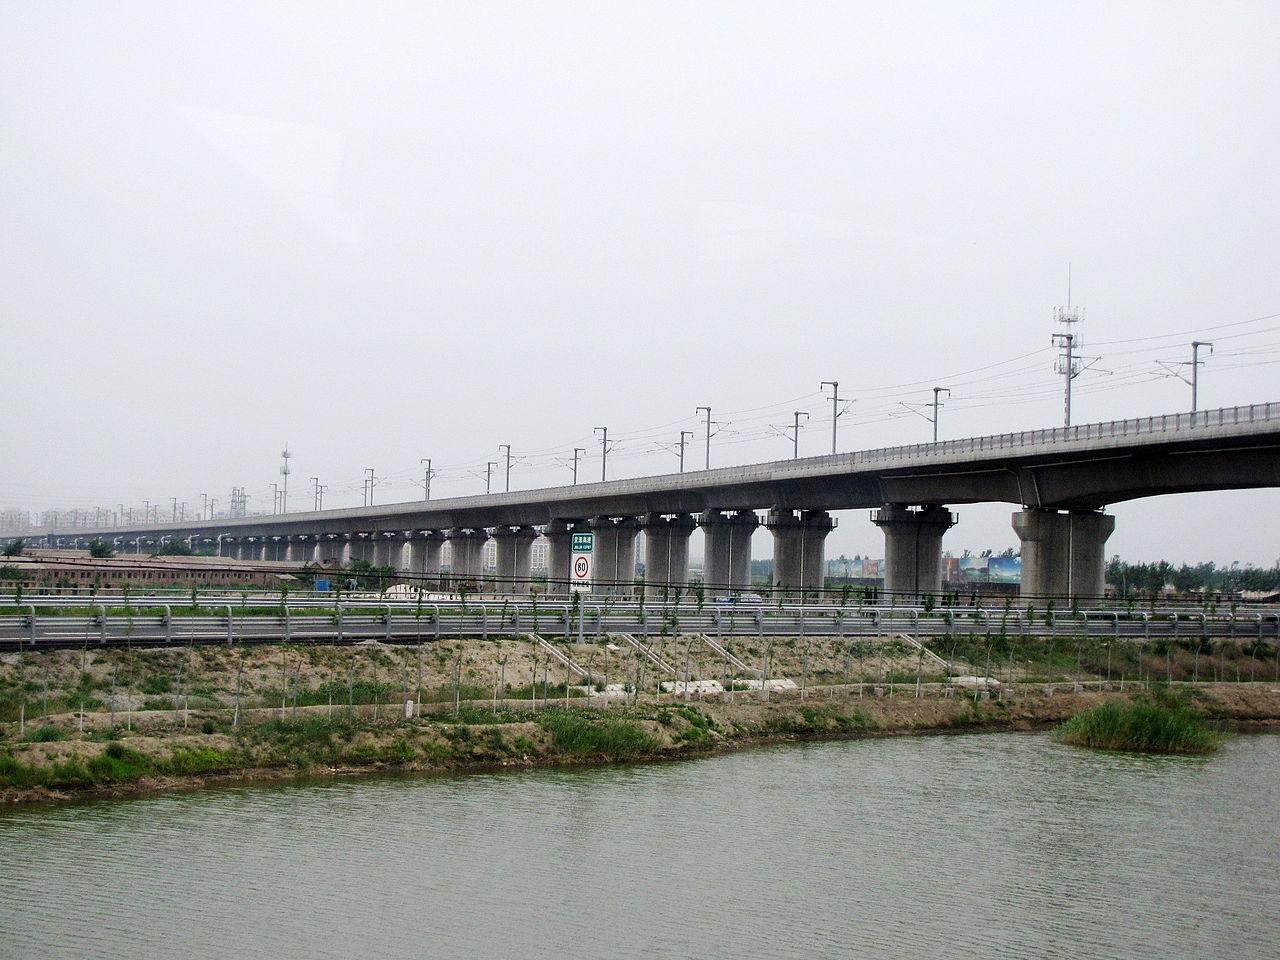 Η δεύτερη μεγαλύτερη γέφυρα βρίσκεται πάλι στην Κίνα: η Μεγάλη Γέφυρα Tianjin έχει μήκος 113,7 χιλιομέτρων